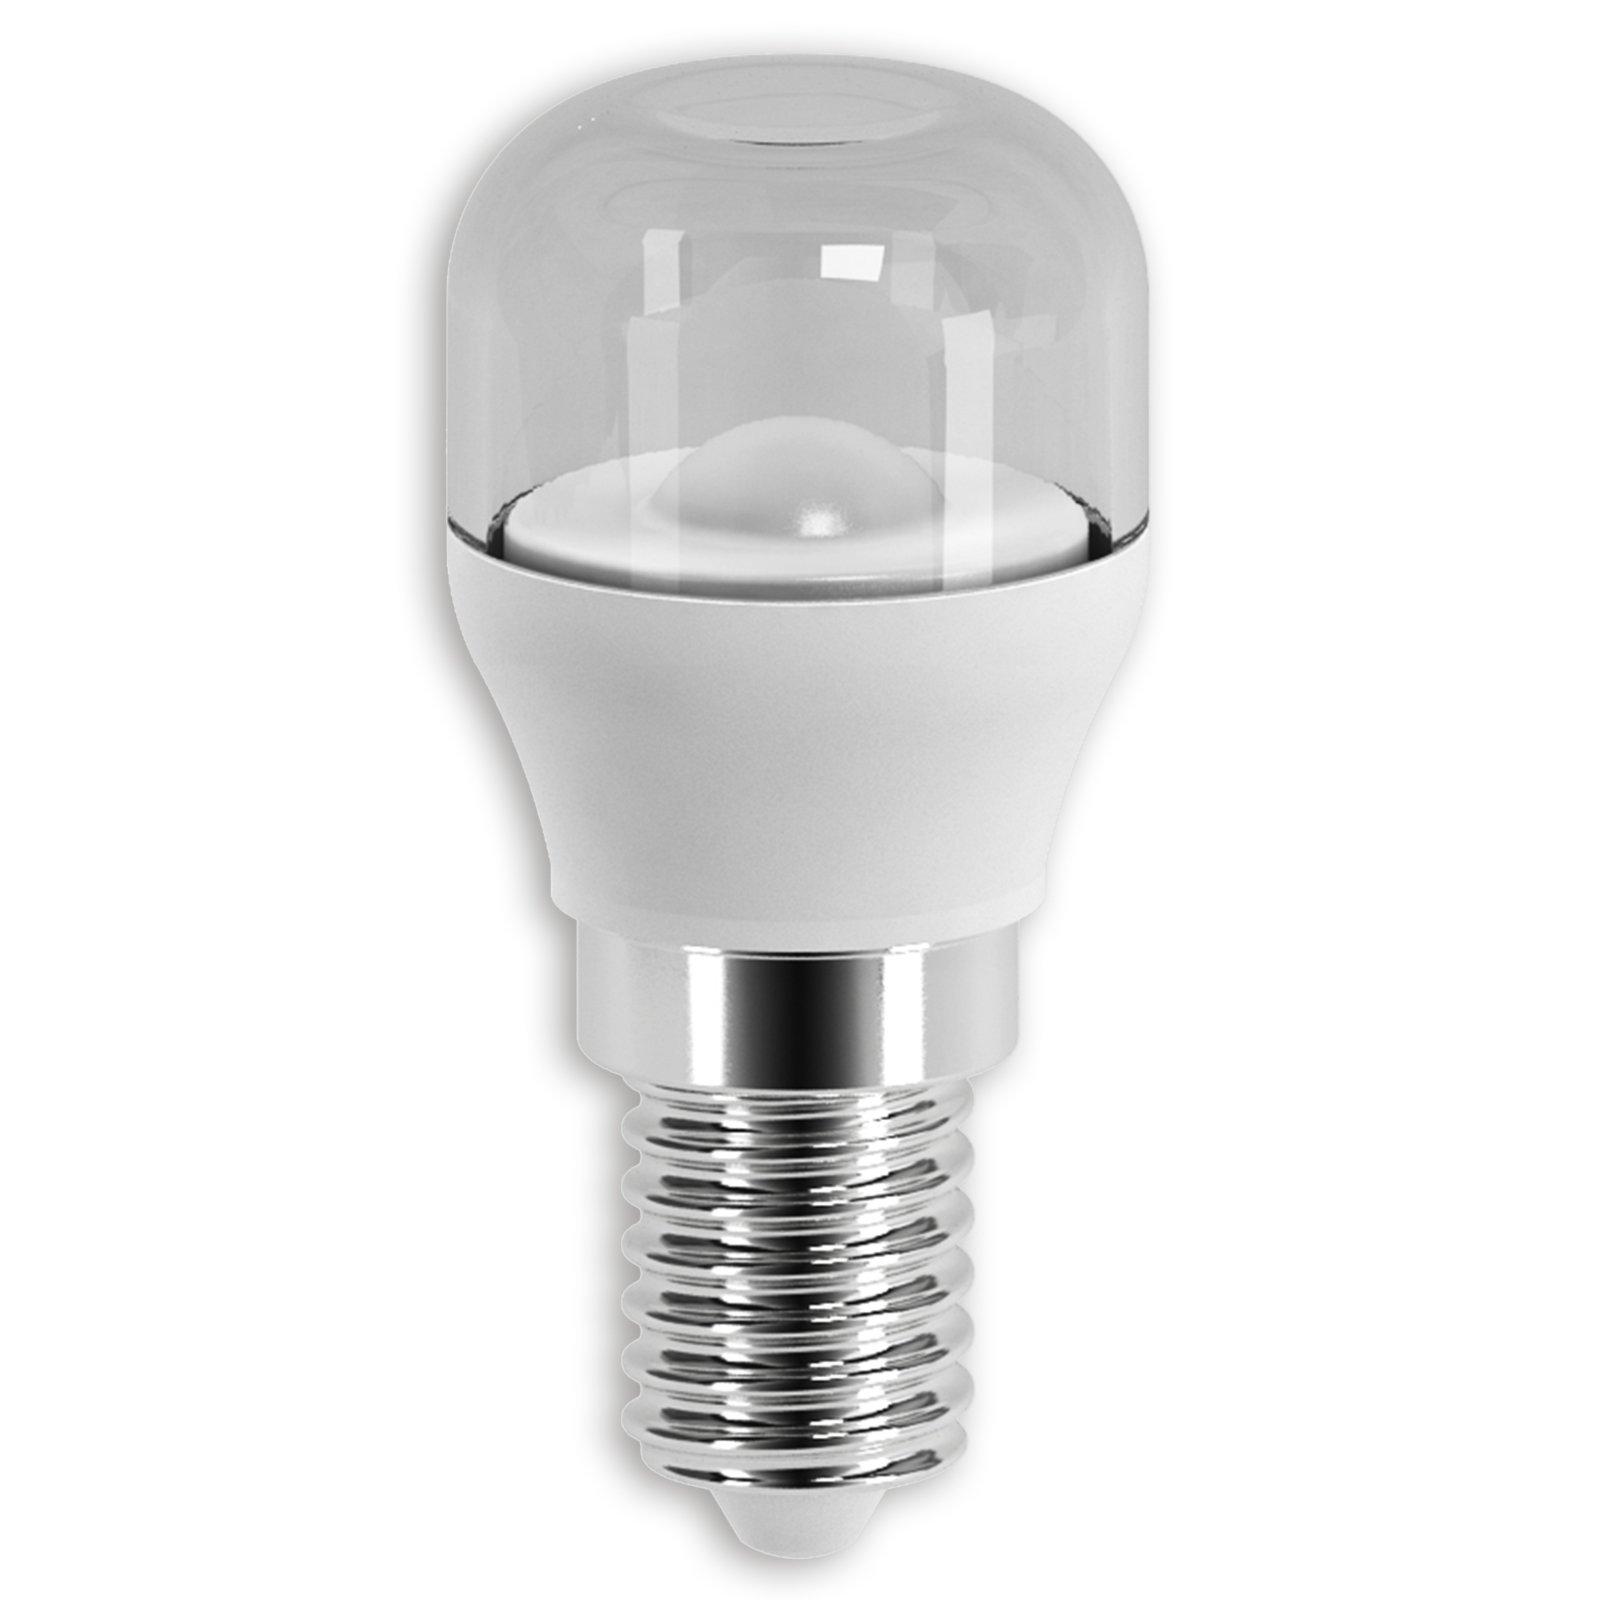 t25 led leuchtmittel birnenform e14 2 w warmwei led leuchtmittel leuchtmittel. Black Bedroom Furniture Sets. Home Design Ideas